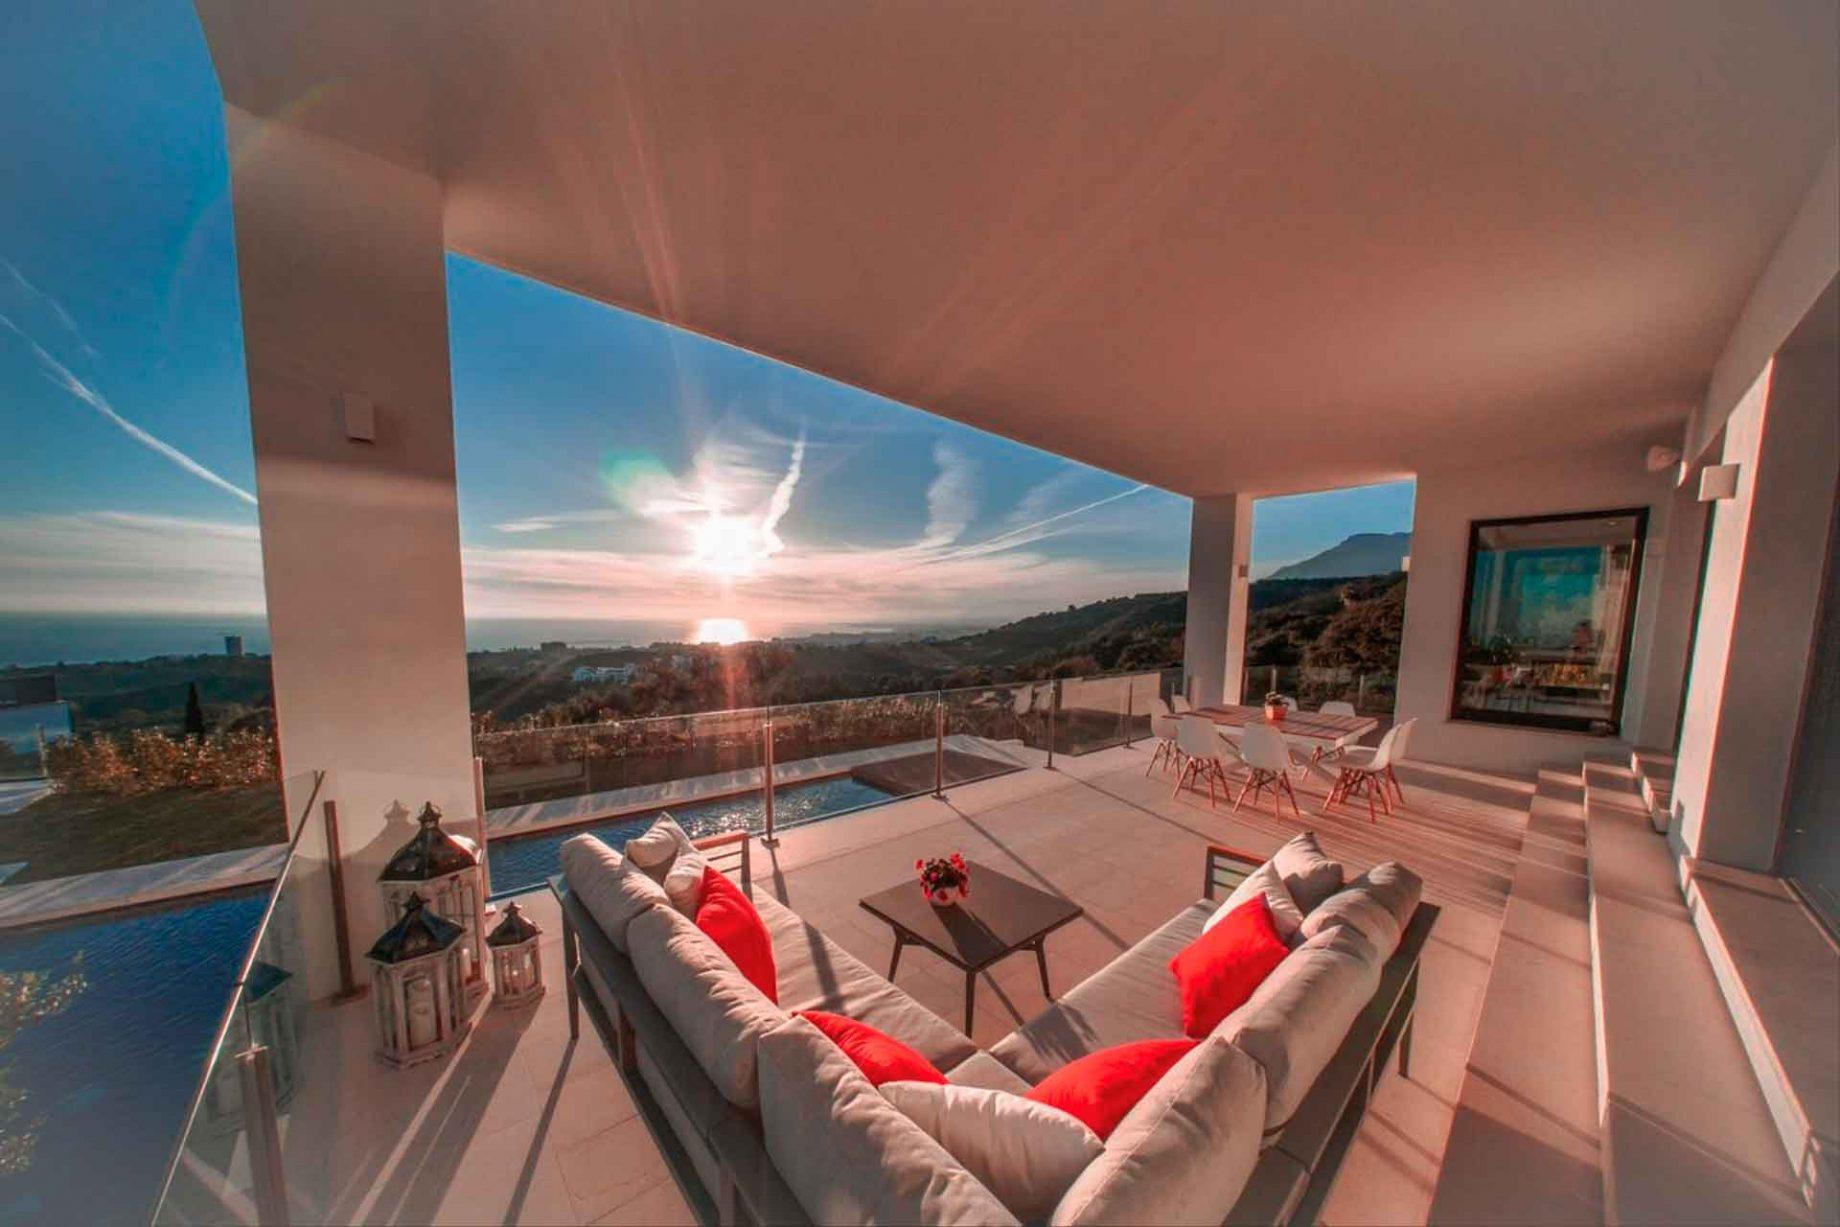 Villa con terraza de vistas panorámicas en Marbella